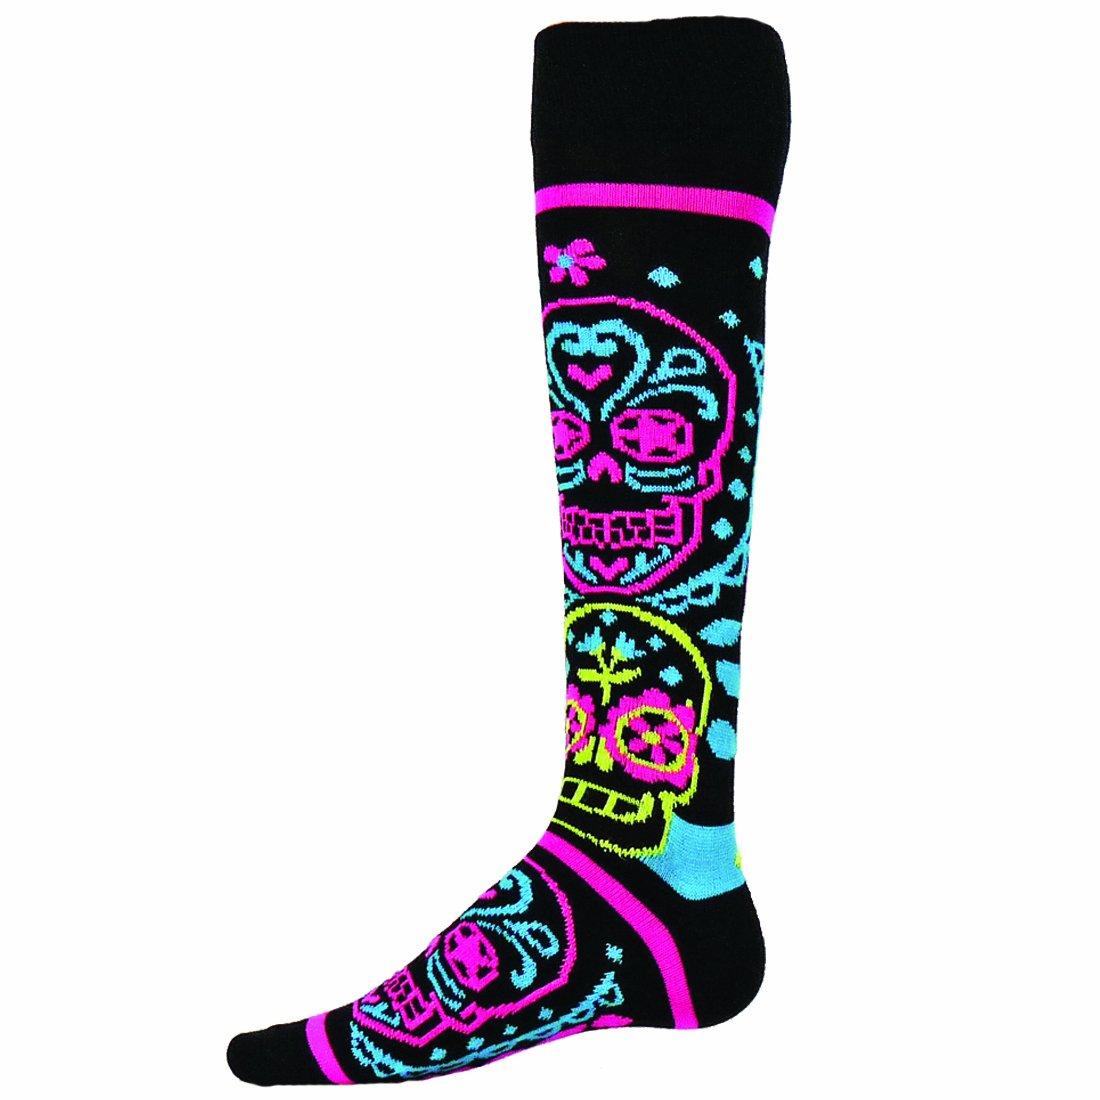 Sockup Meurtos Socks Medium Black//Multi